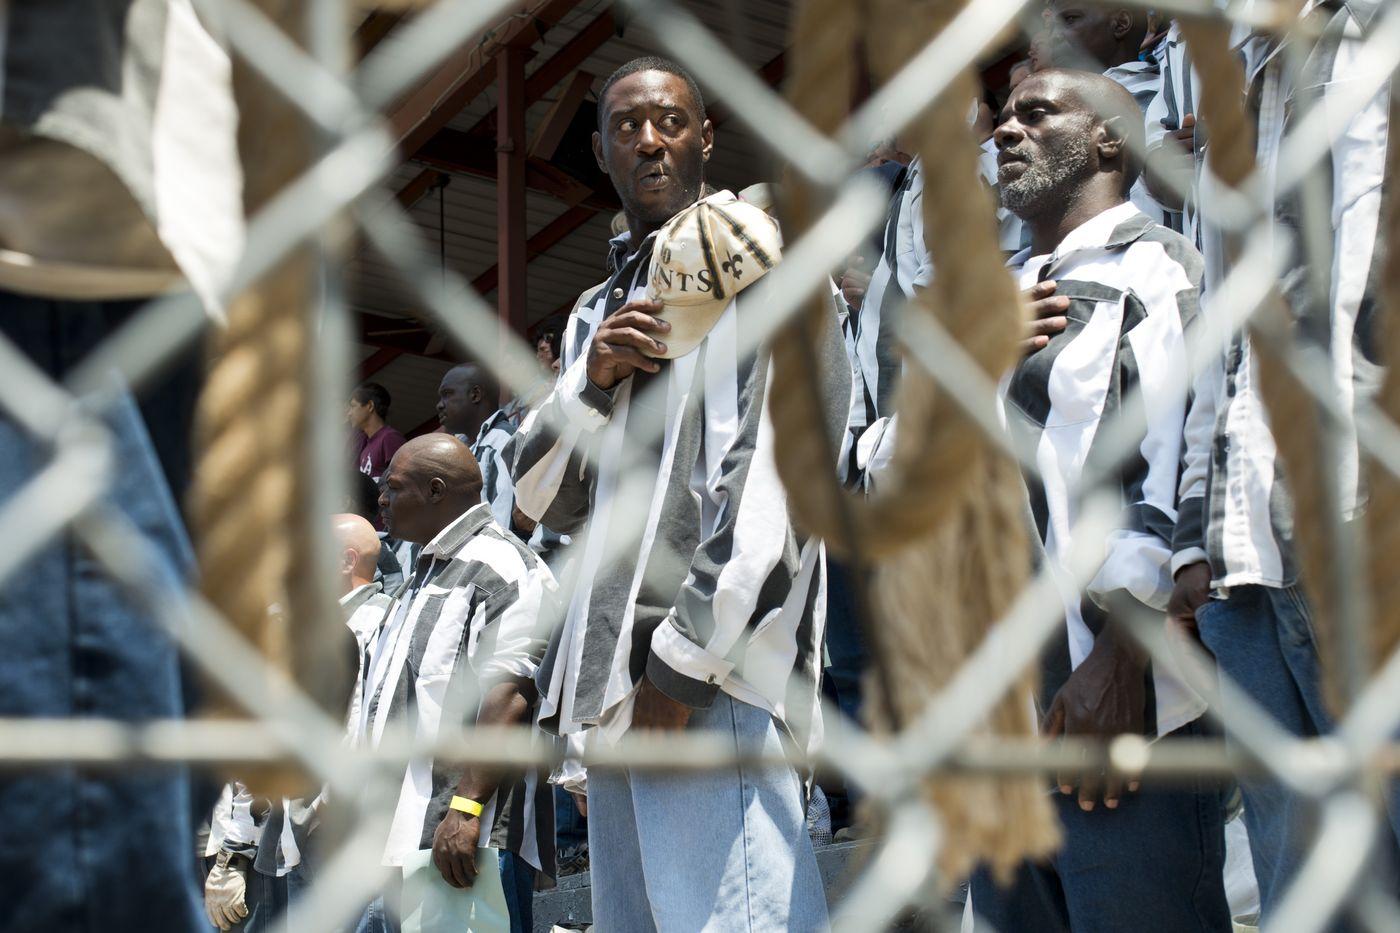 Hội chợ nhà tù độc đáo có một không hai trên thế giới - 3